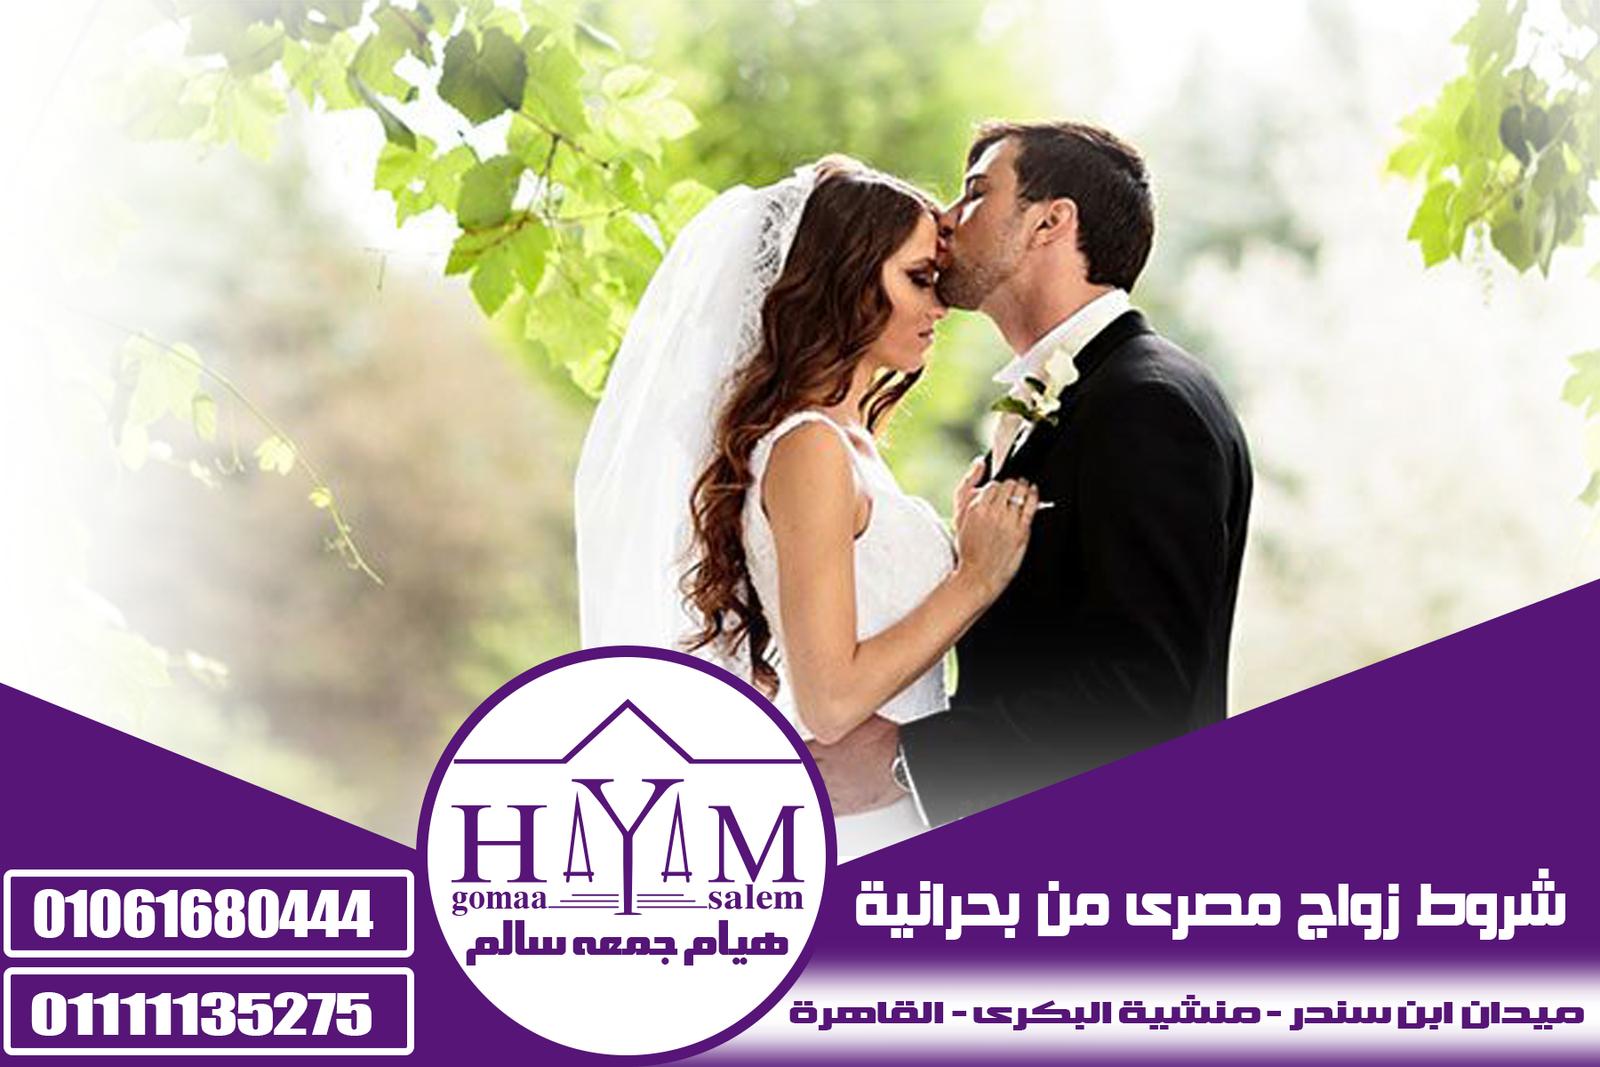 زواج الاجانب في مصر المحامية هيام جمعه سالم 01061680444 – شروط زواج مصرى من بحرانية